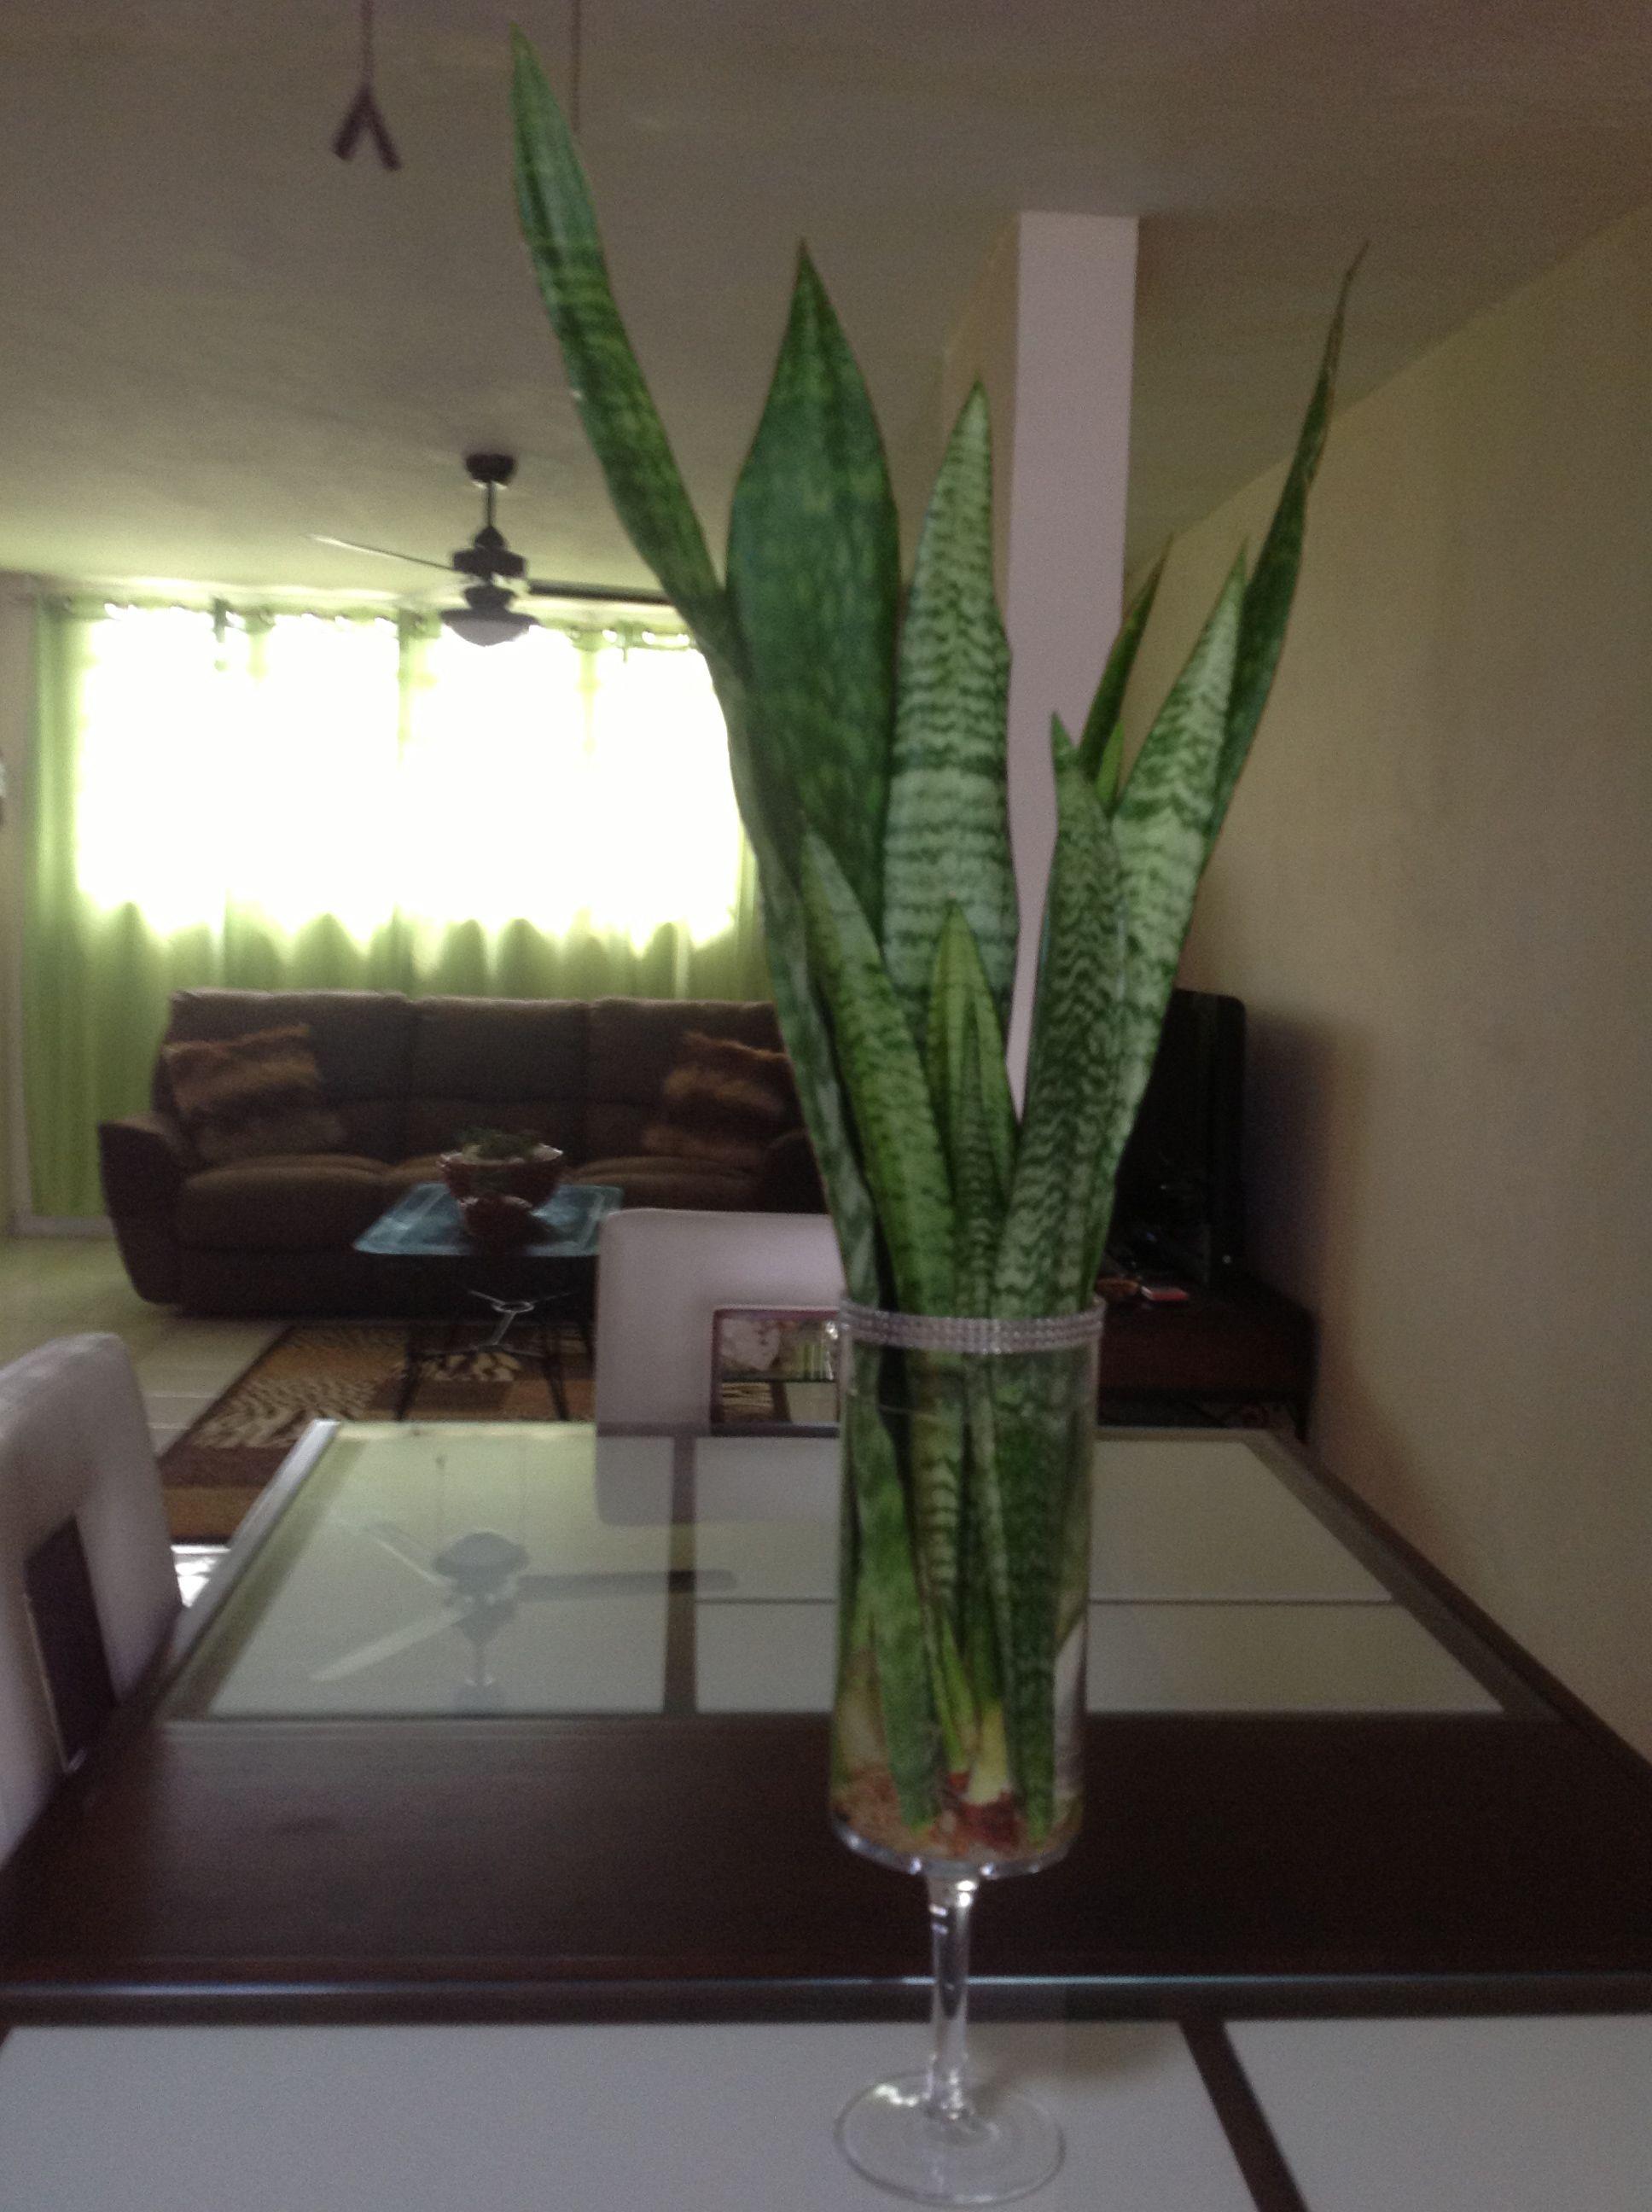 coloca estas hojas de esta planta en un florero con agua y